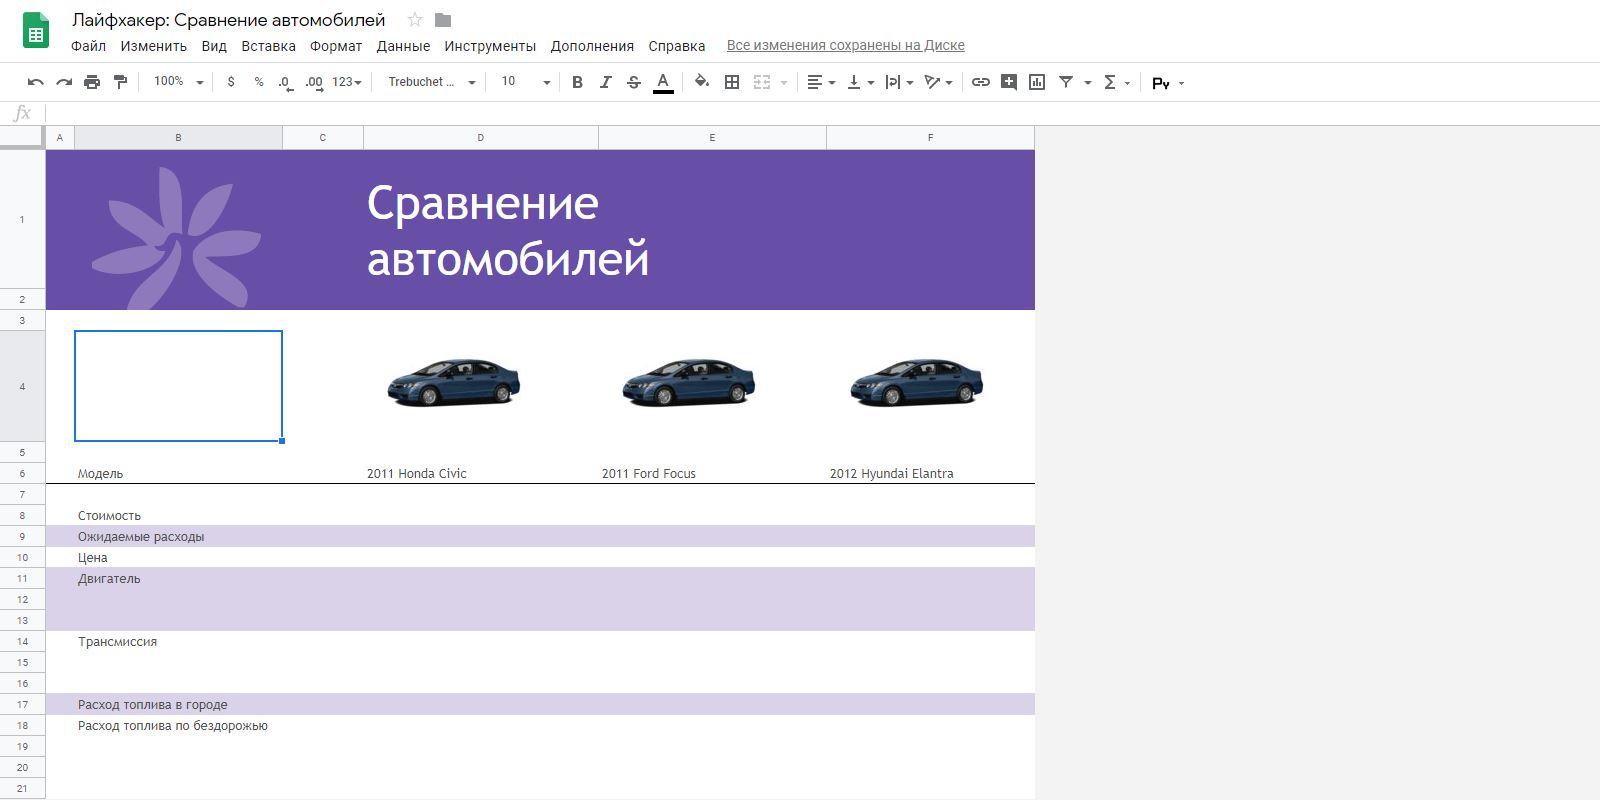 «Google Таблицы»: шаблон «Сравнение автомобилей»